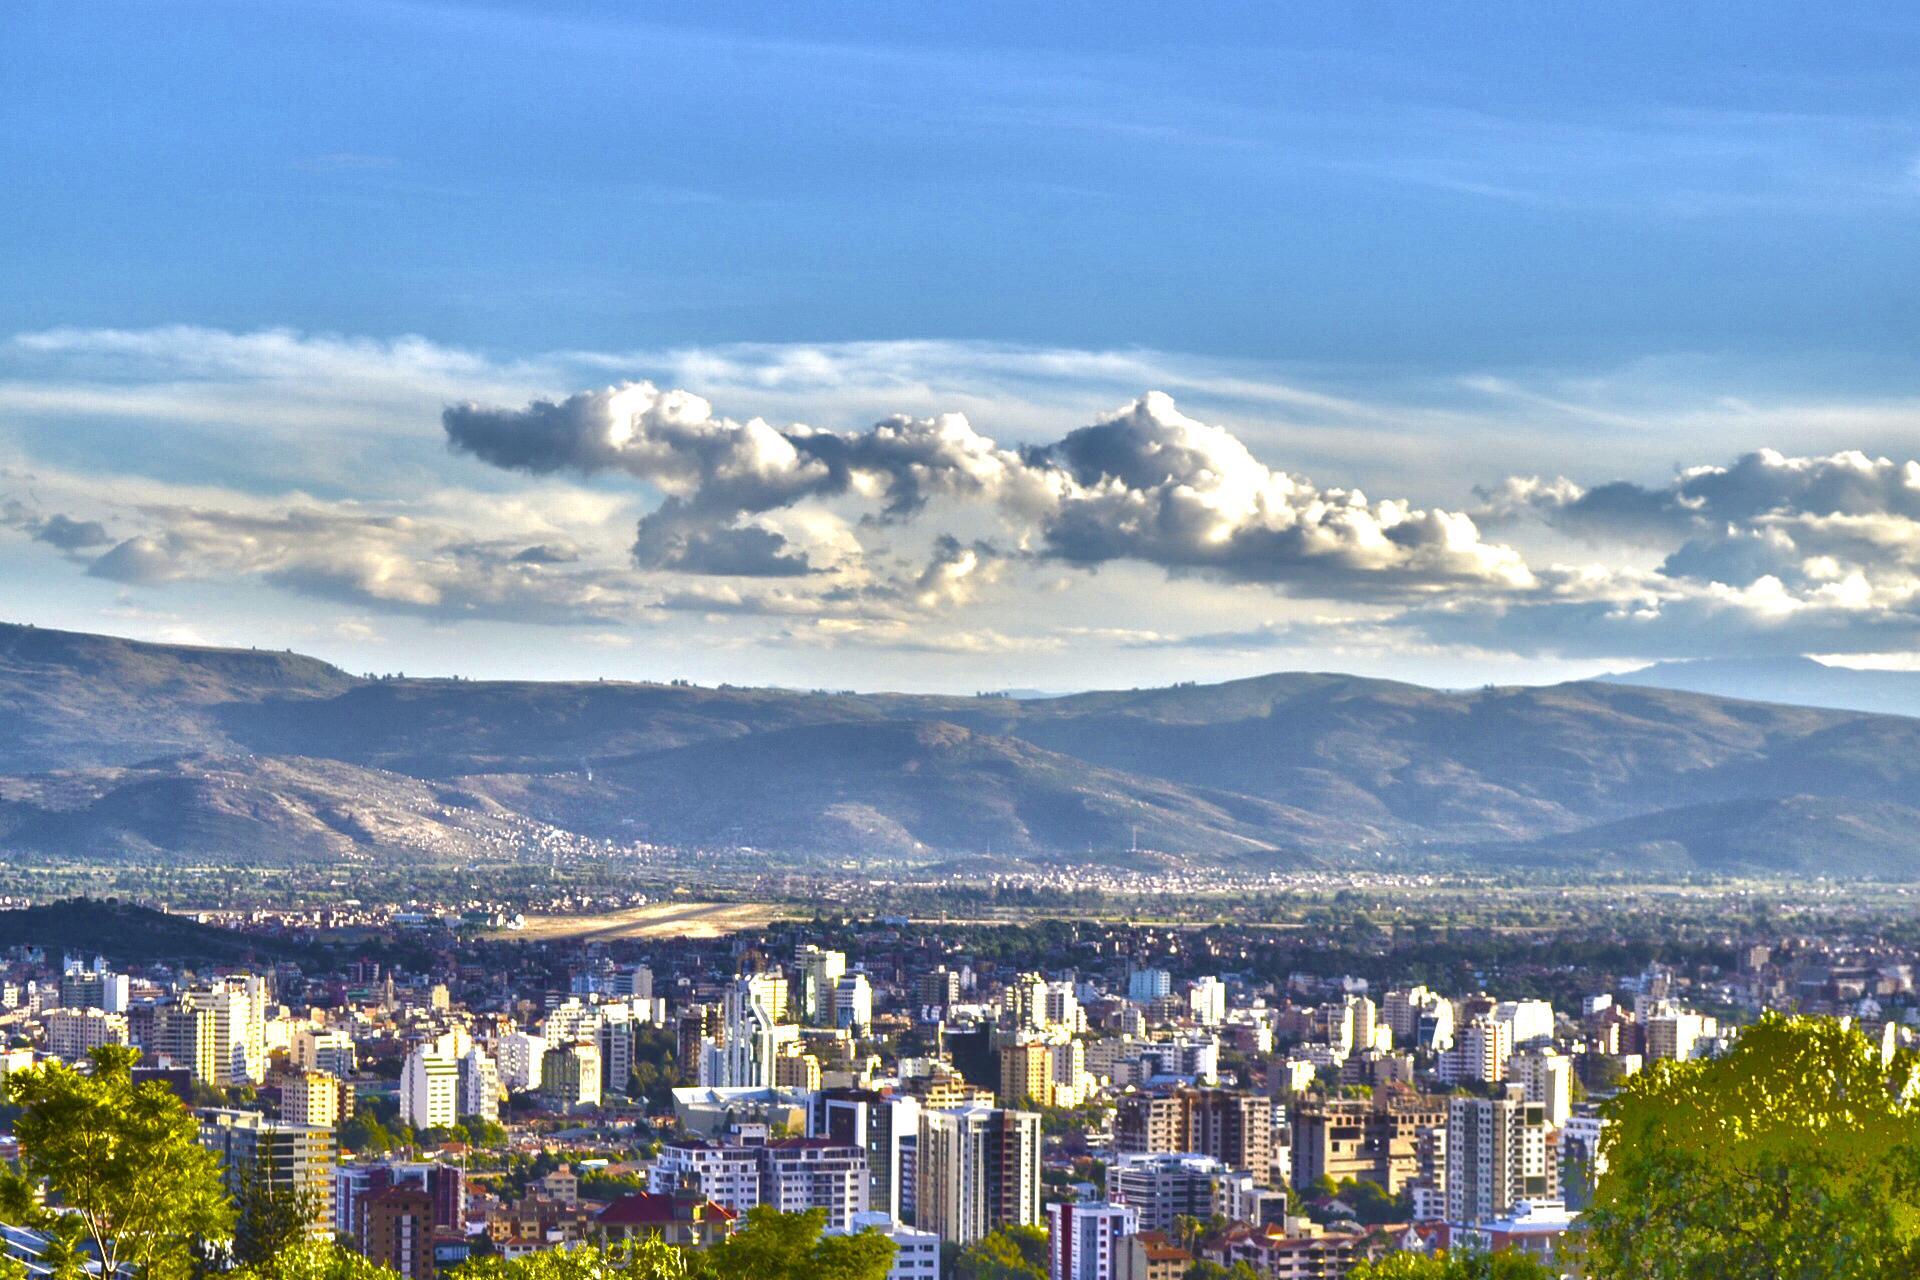 Ciudad_de_Cochabamba